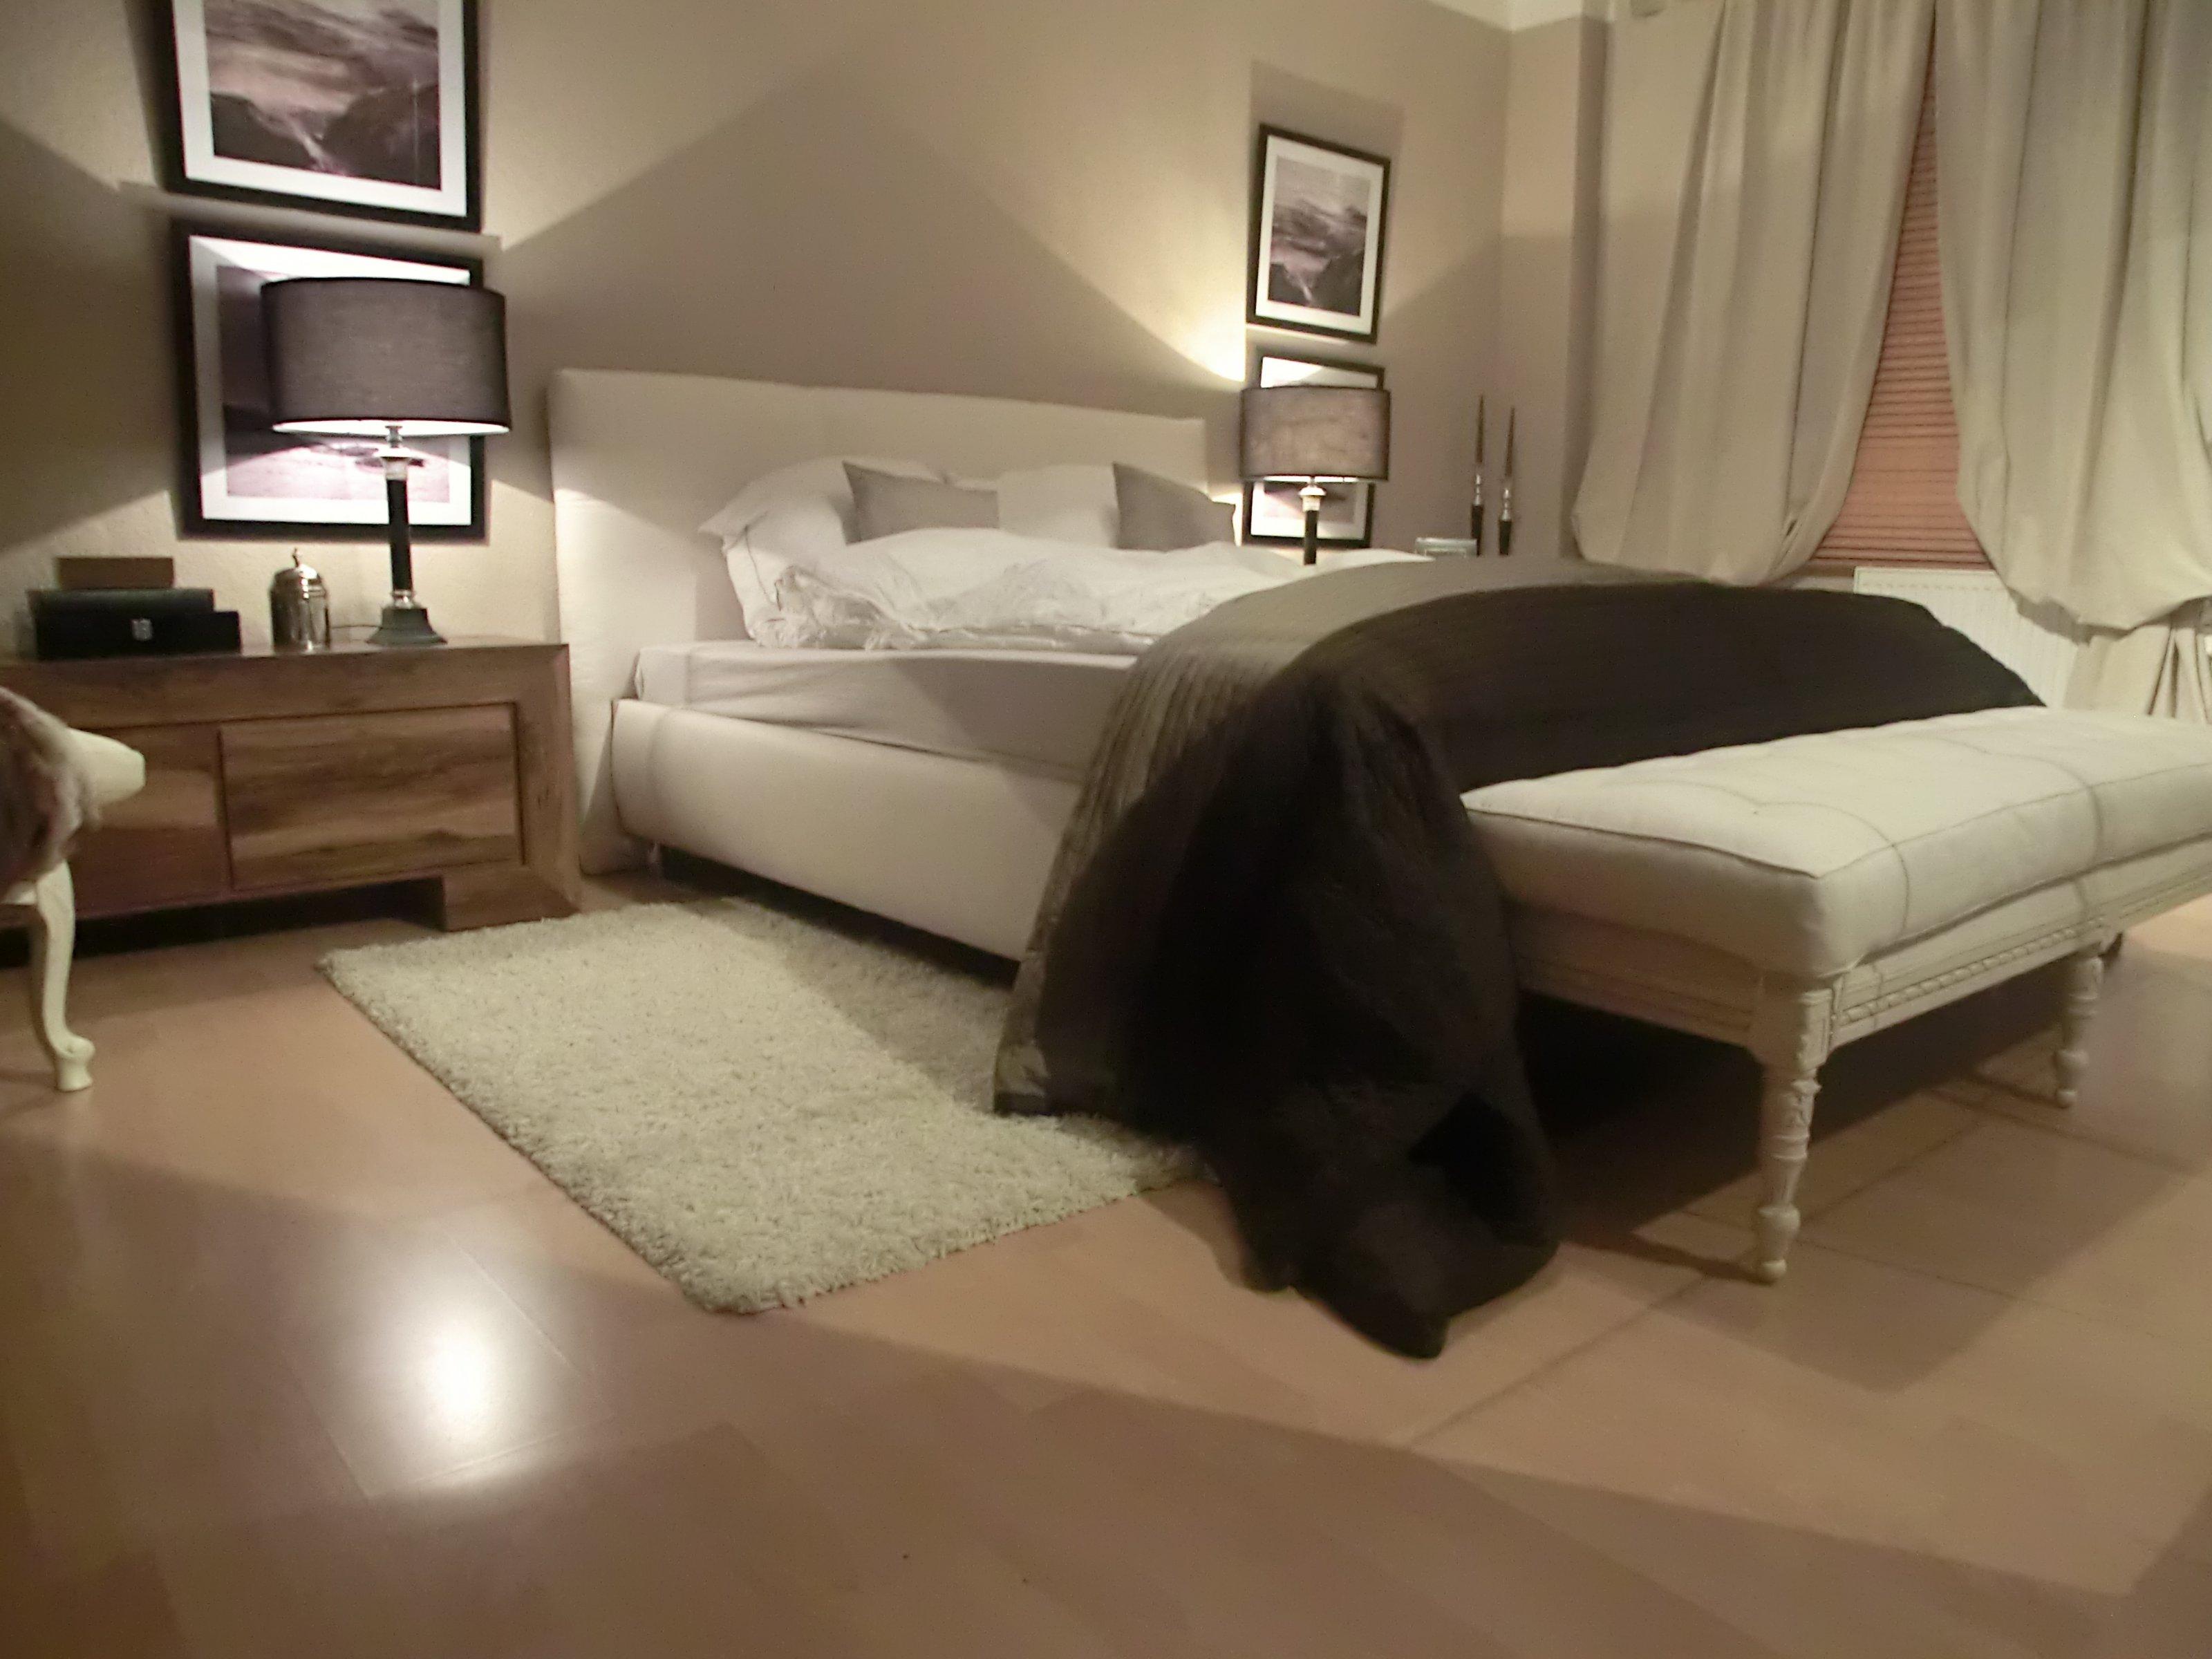 Wohnideen Schlafzimmer Mediterran schlafzimmer mein schlafzimmer mein domizil zimmerschau